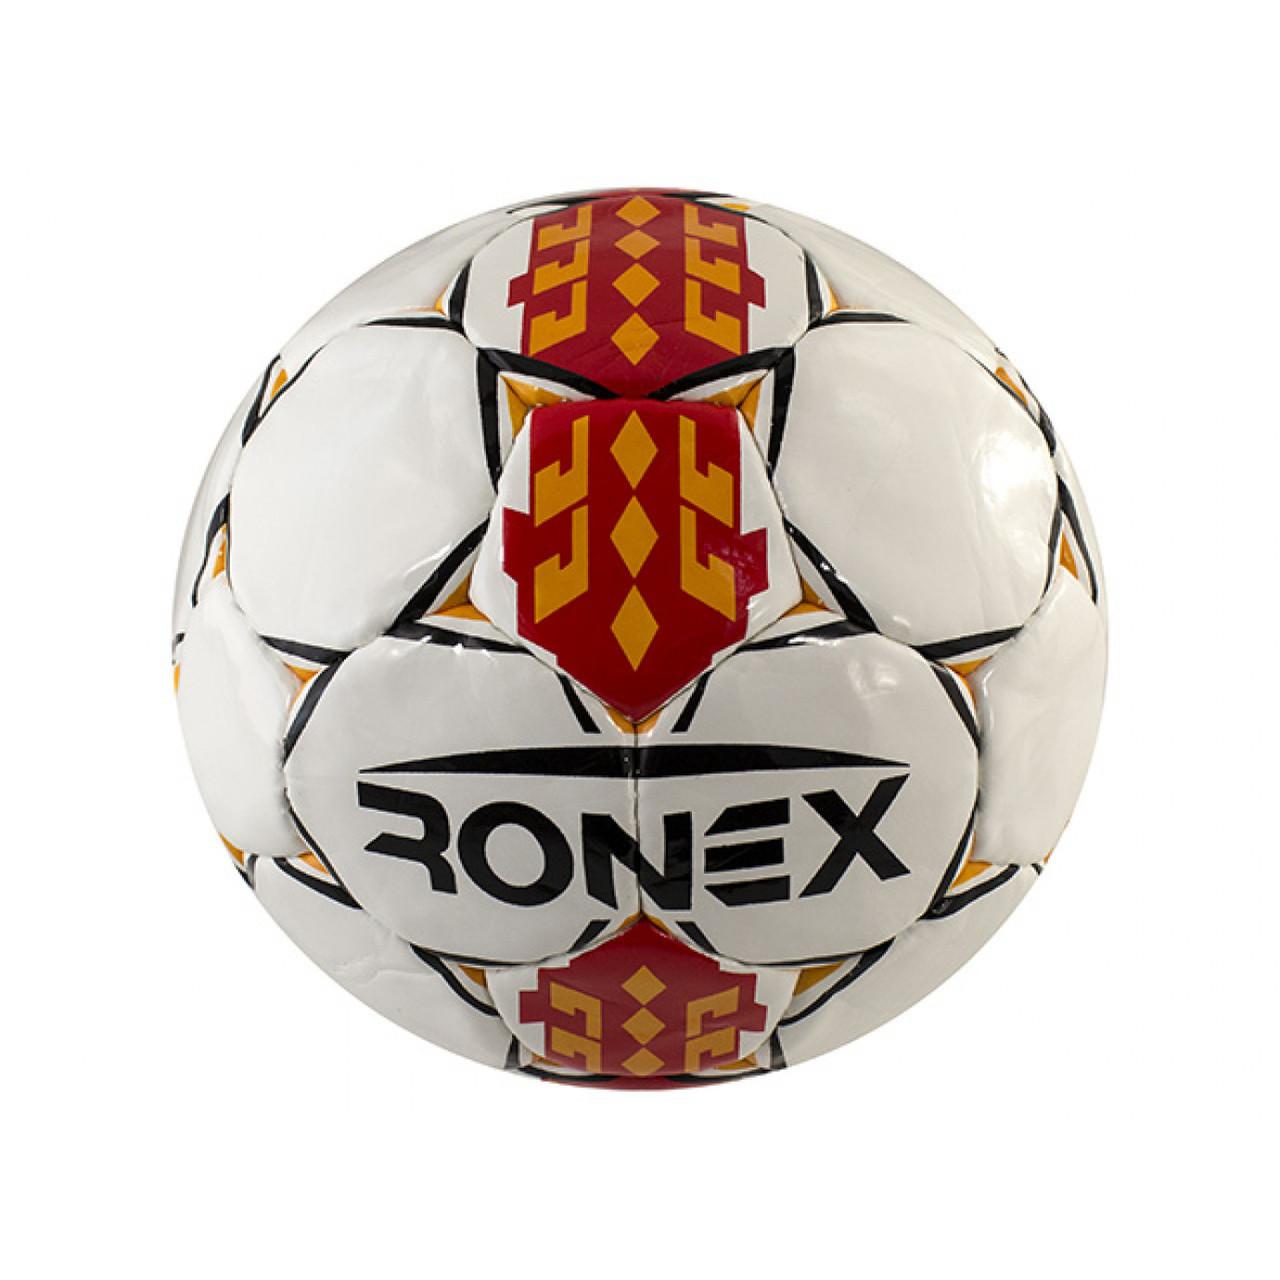 М'яч футбольний Ronex для футзалу біло-червоний